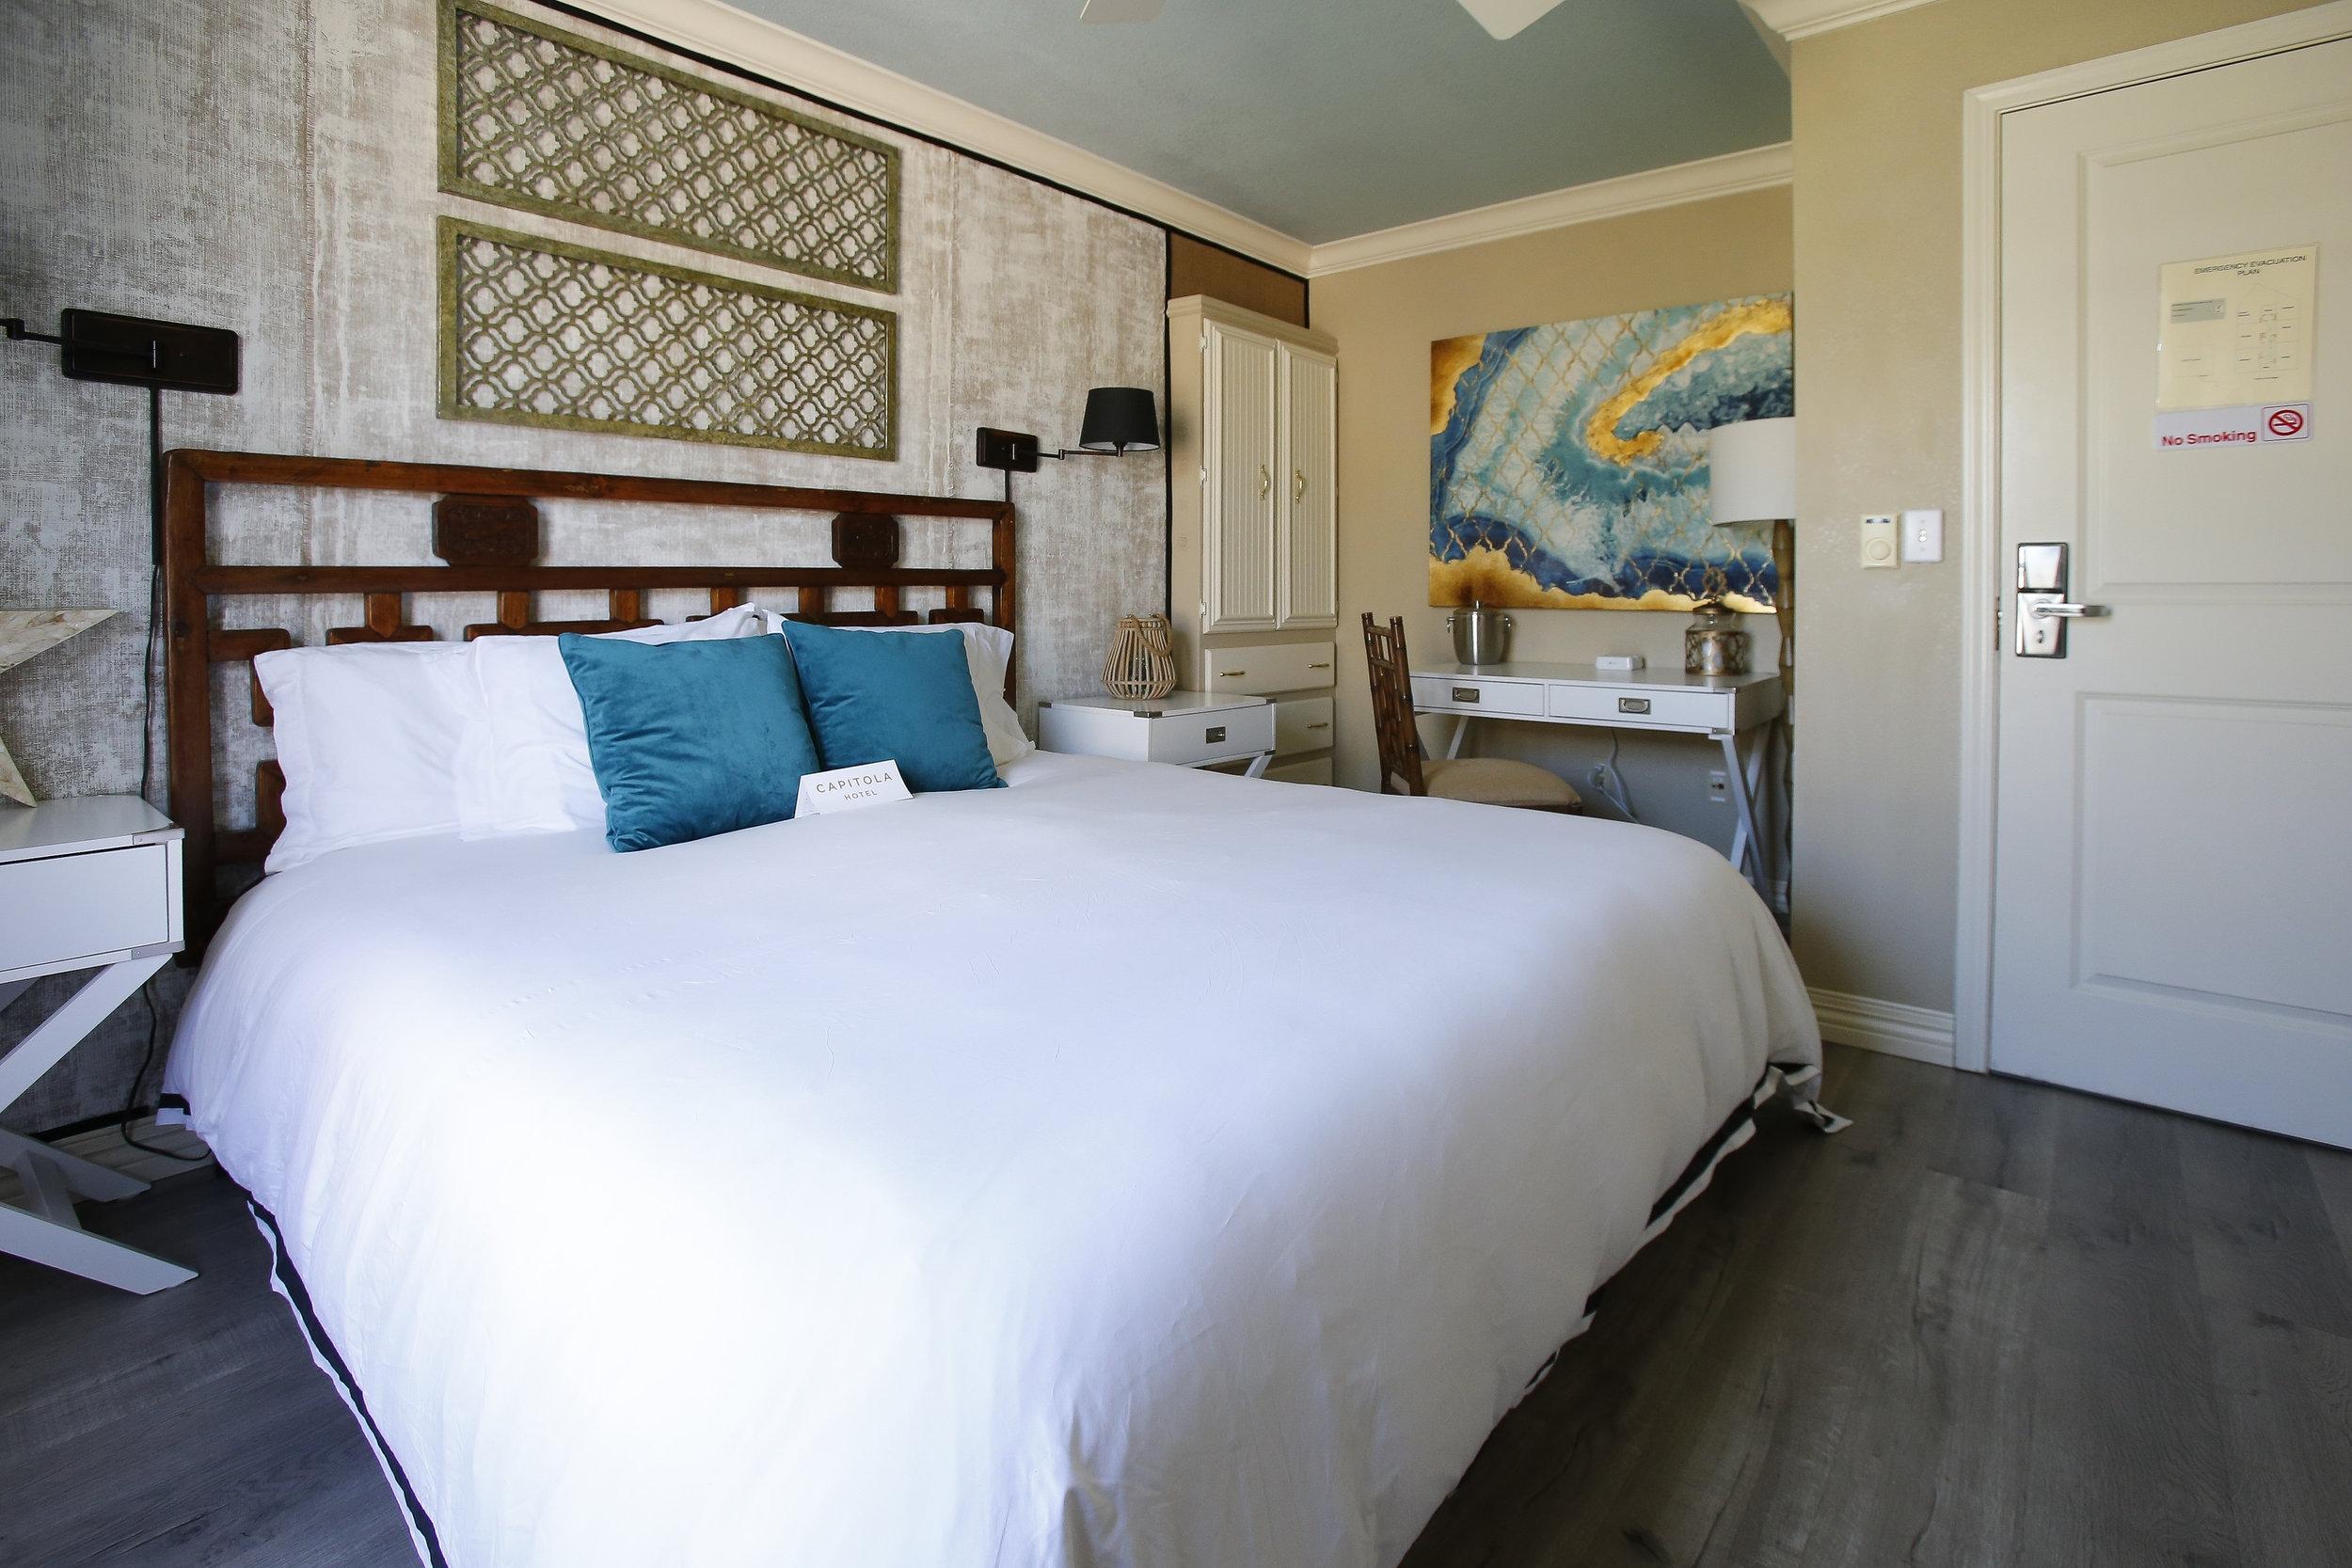 bonaire hotel room in capitola, ca